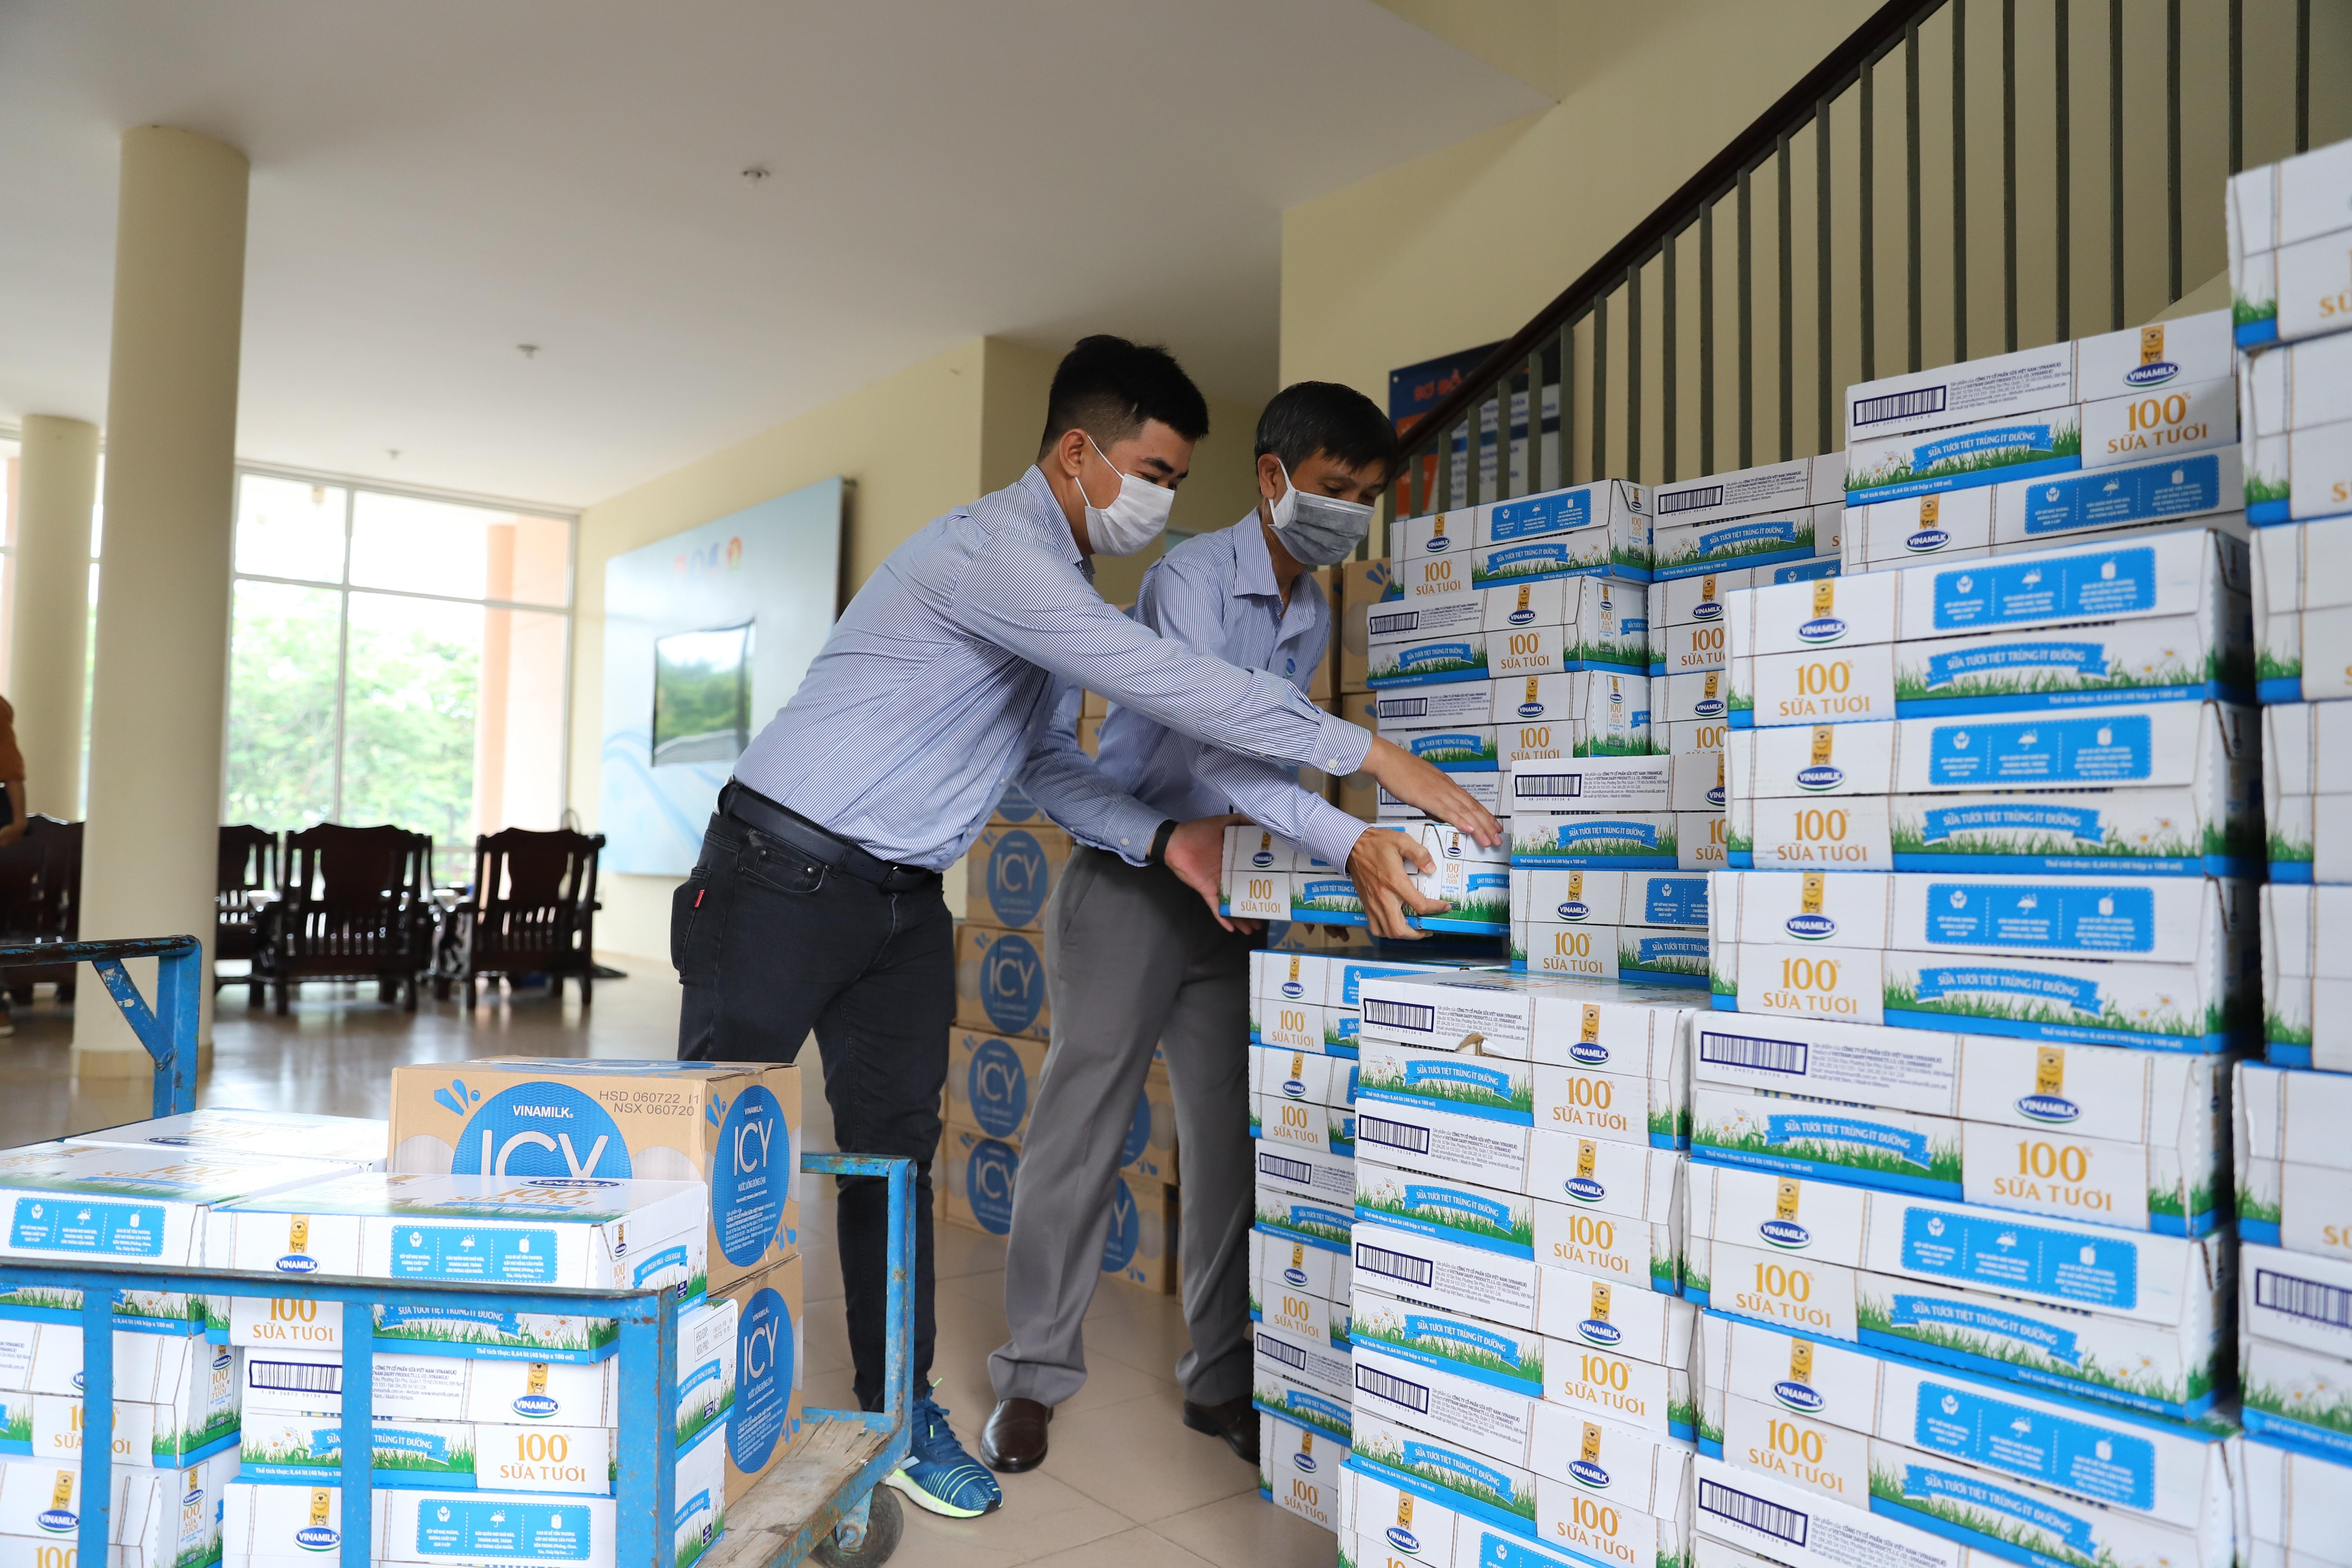 Mới đây Vinamilk cũng đã trao tặng 1 tỷ đồng các sản phẩm sữa cho các khu vực cách ly tập trung của Đà Nẵng, Quảng Nam và Quảng Ngãi